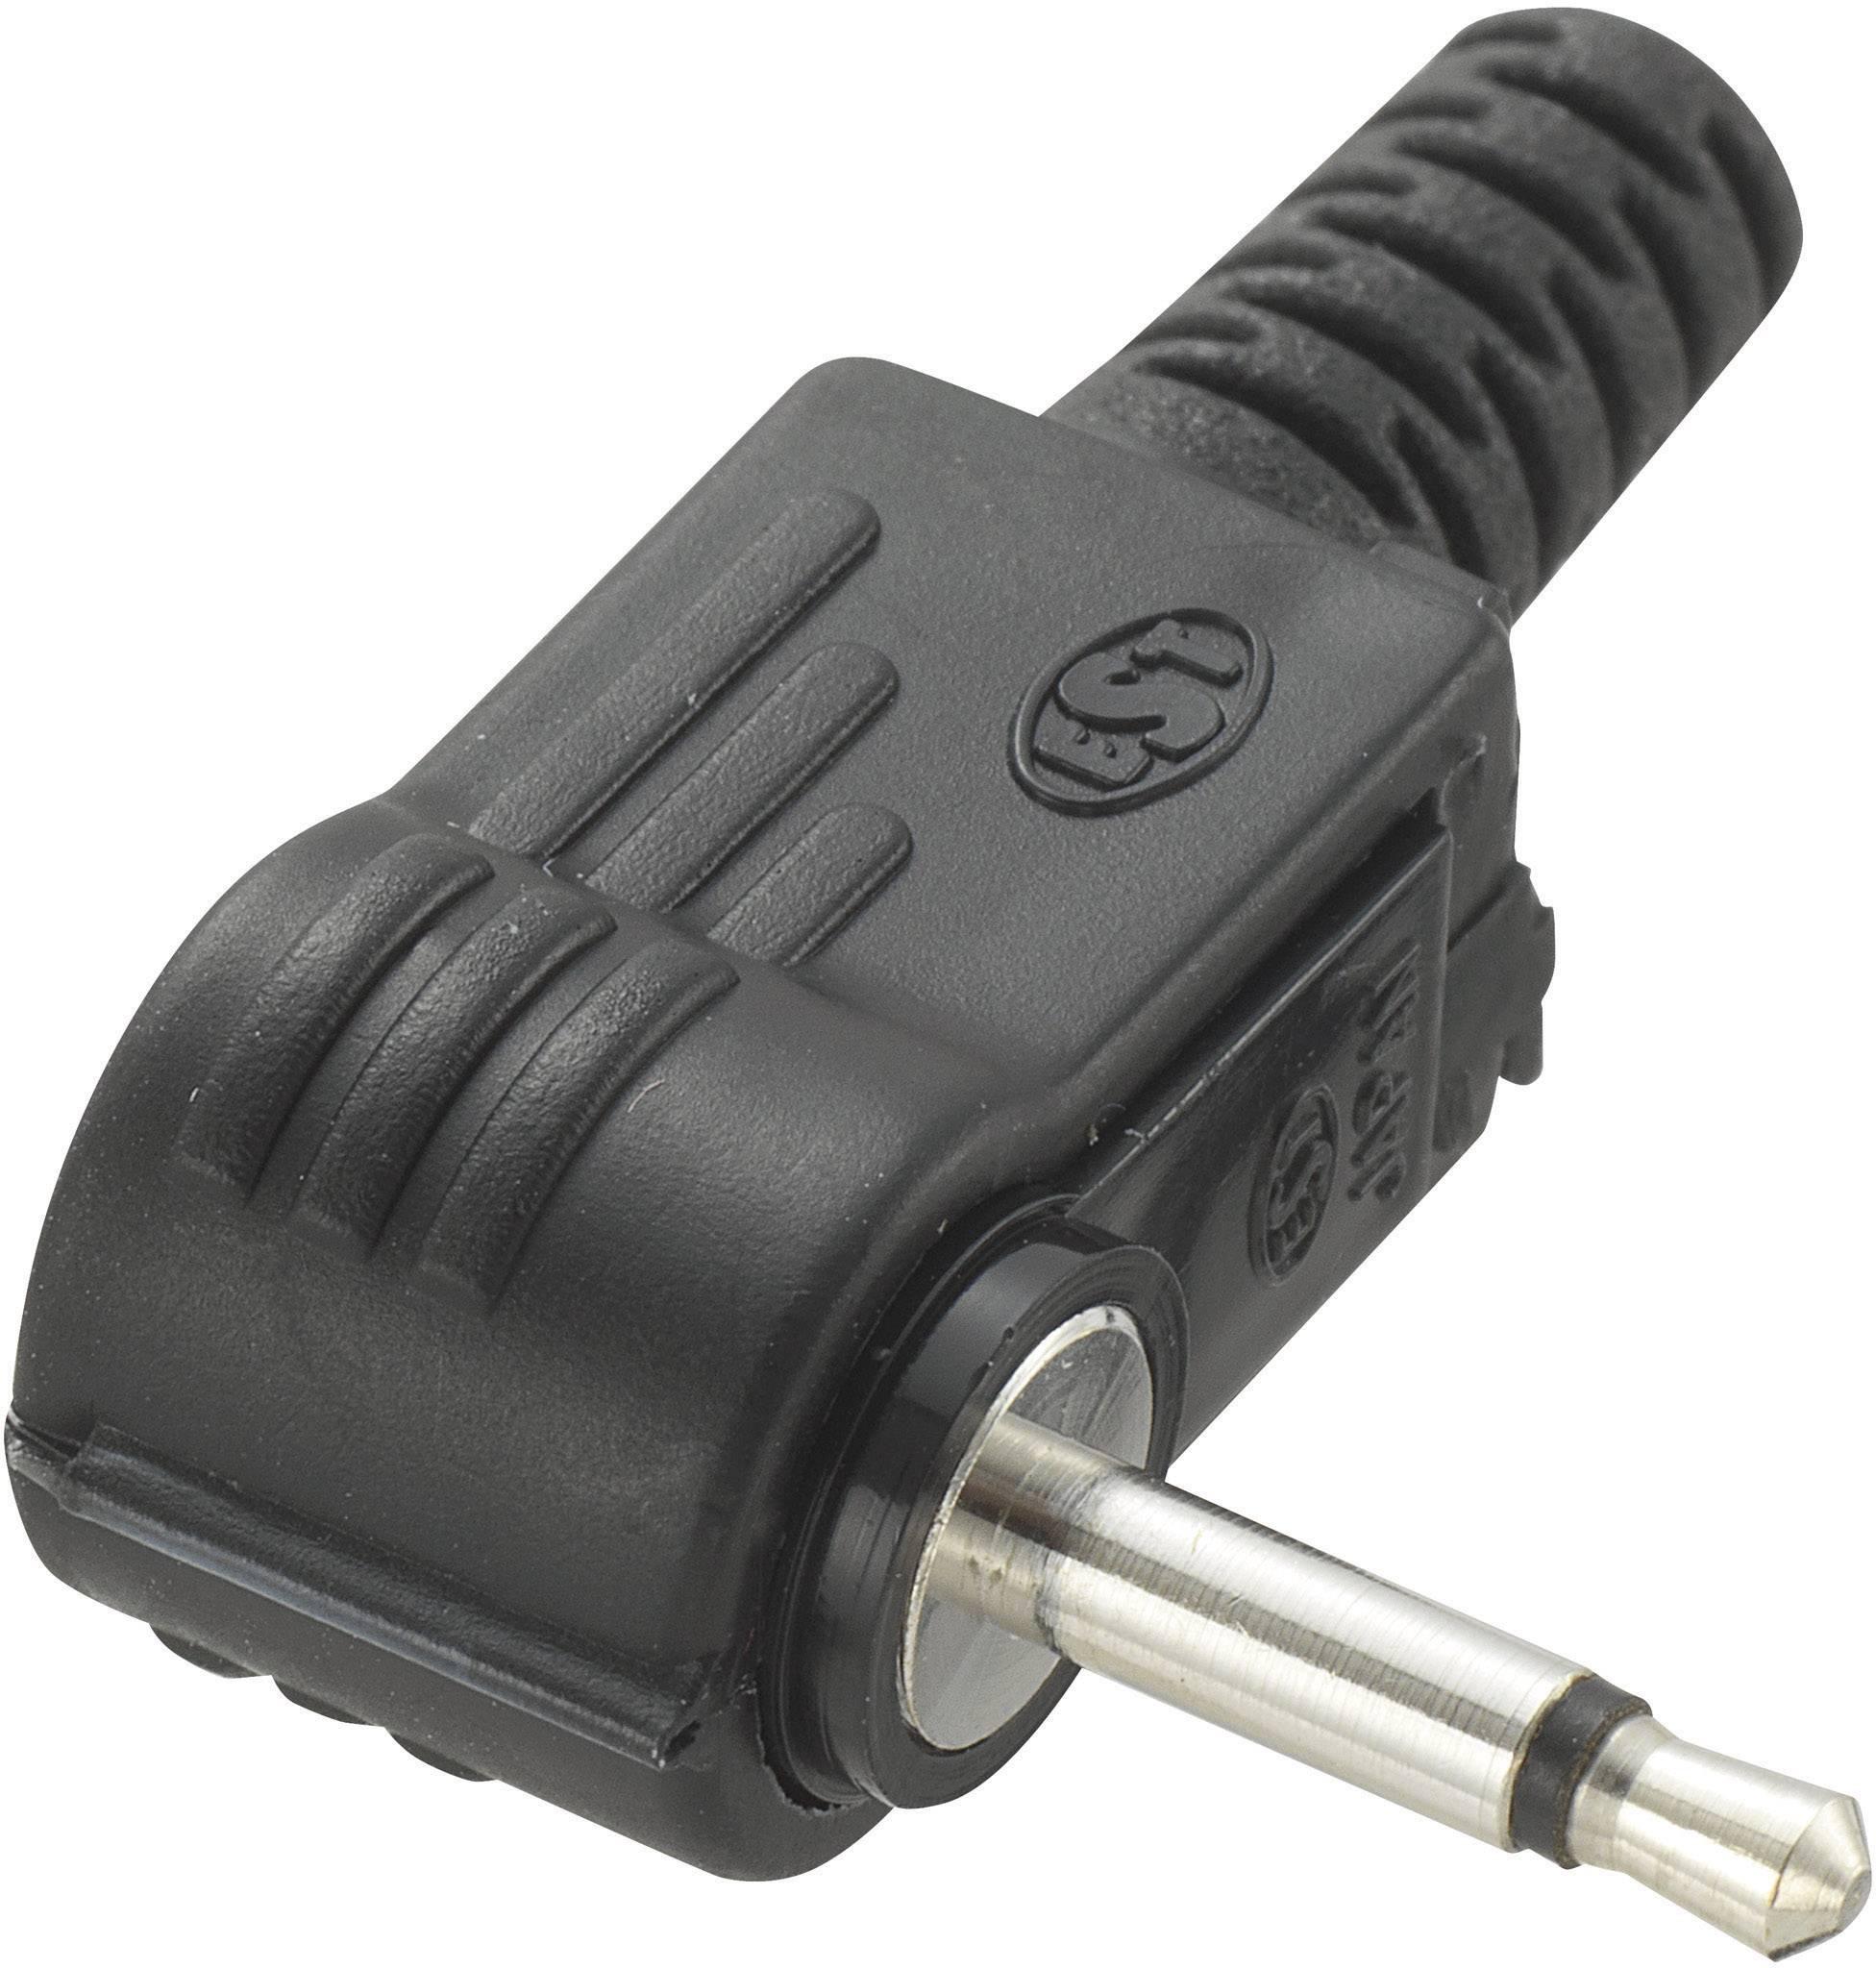 Jack konektor 2.5 mm čiernobiela zástrčka, zahnutá Conrad Components 2, čierna, 1 ks